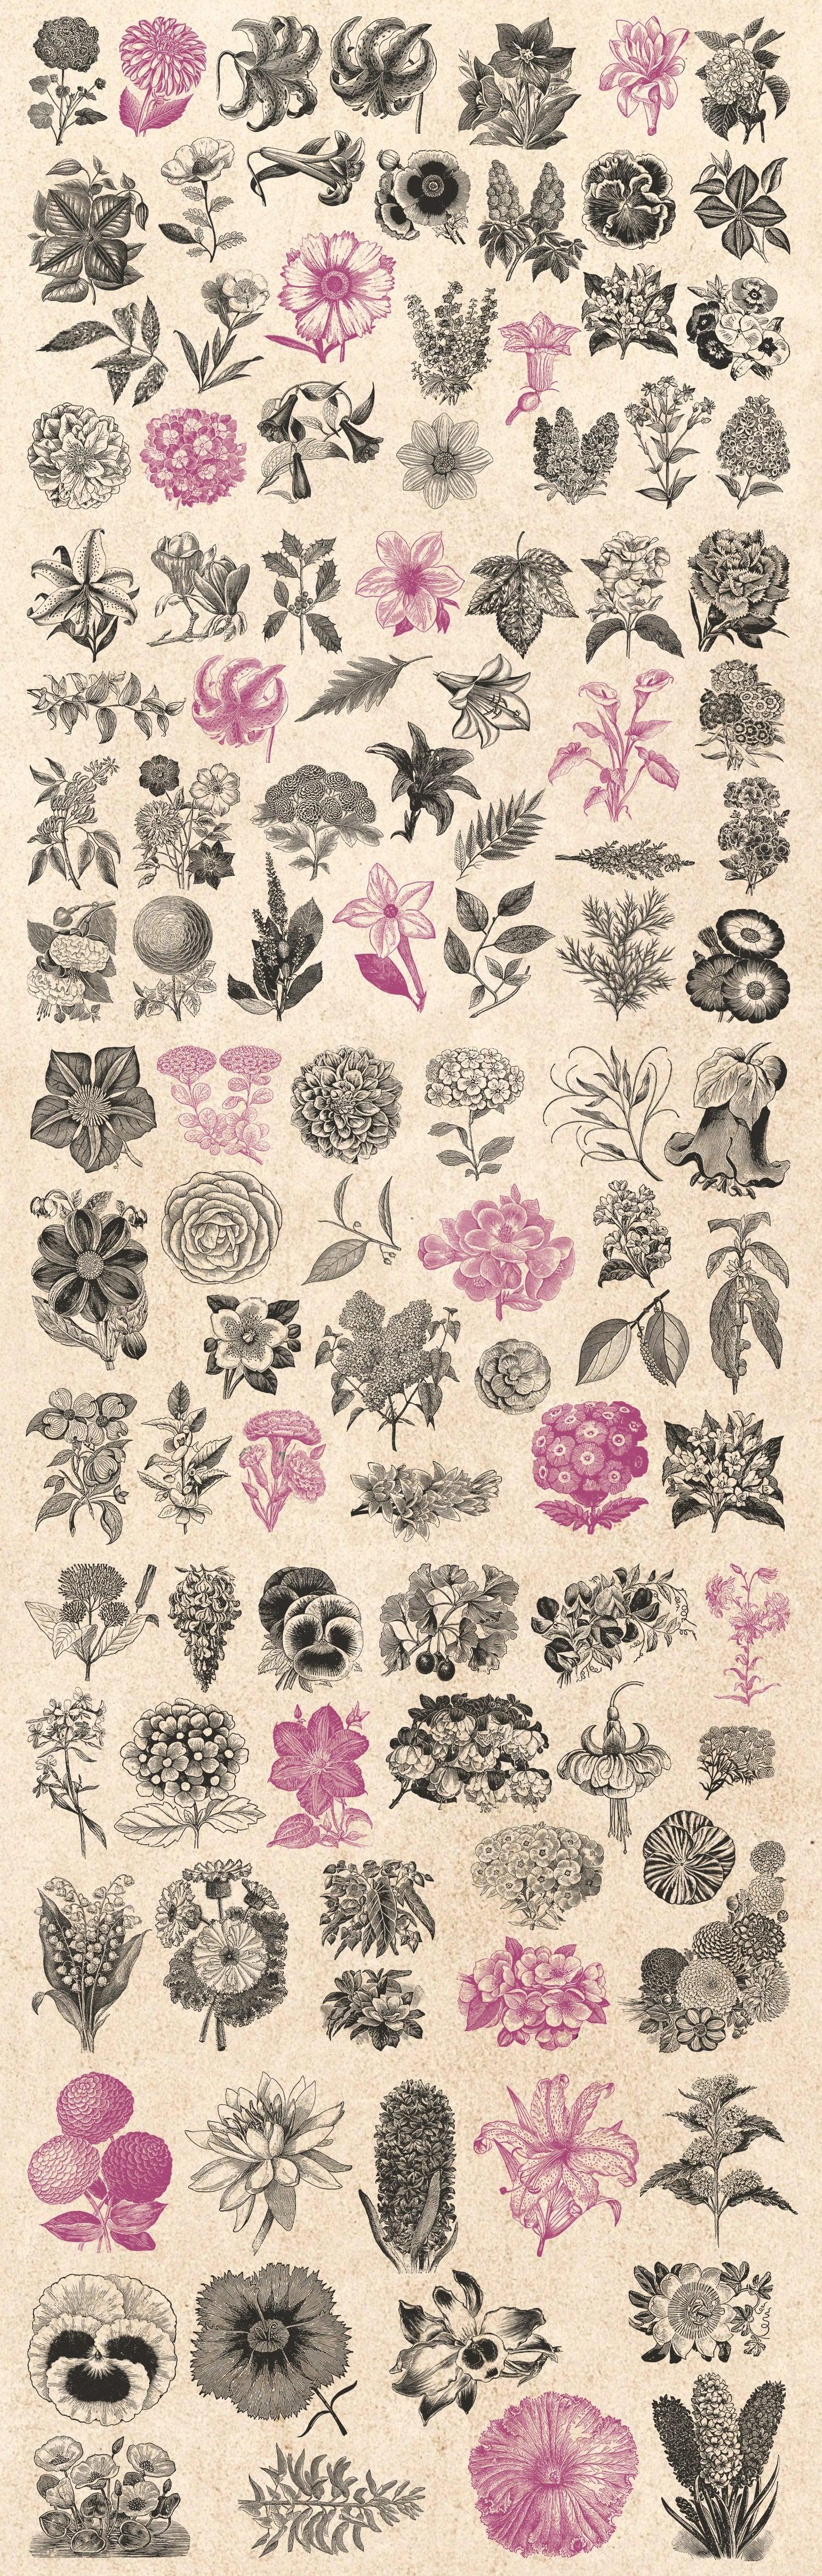 Floral Illustrations vintage